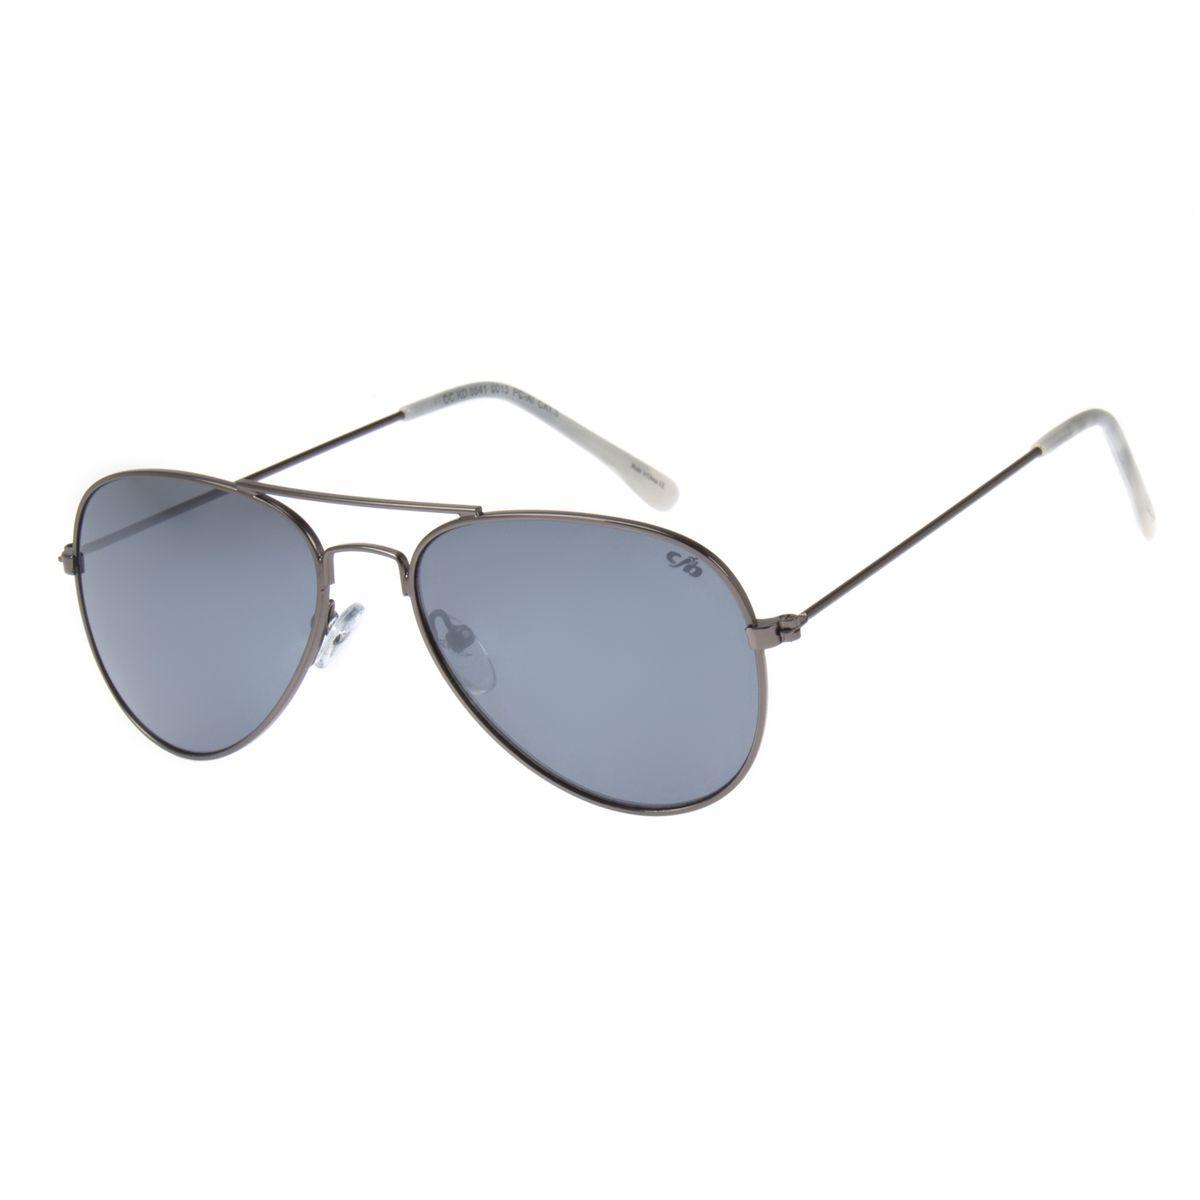 3561c283e3029 Óculos de Sol Aviador Infantil Chilli Beans Verde 0541 - Chilli Beans